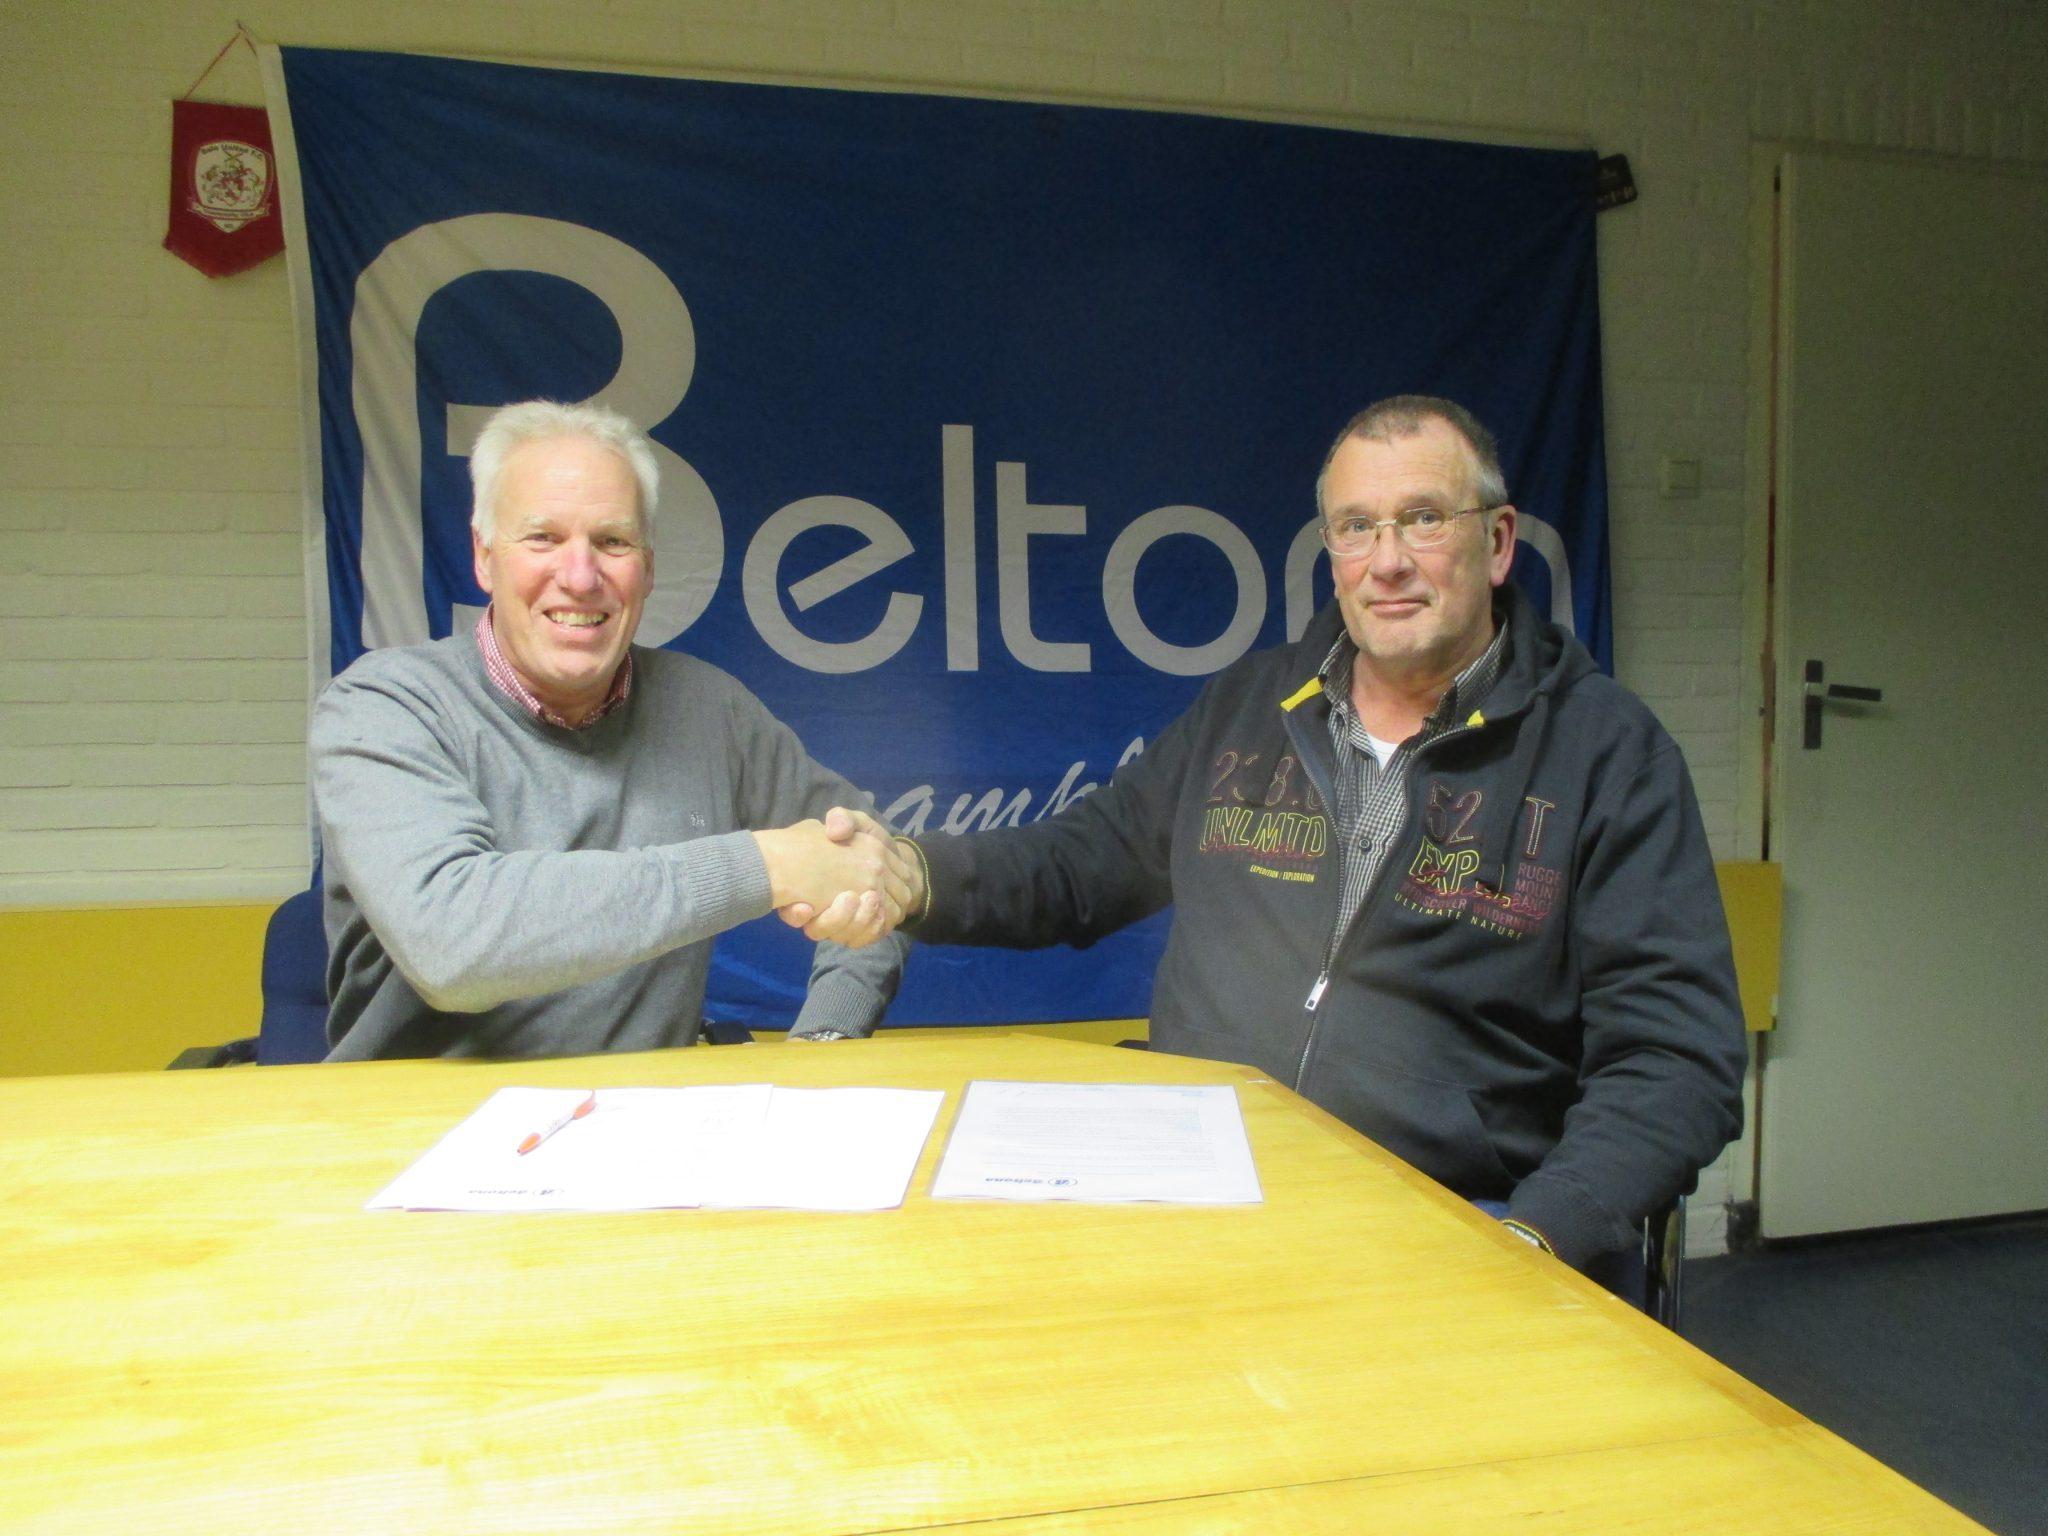 Contract met Beltona verlengd